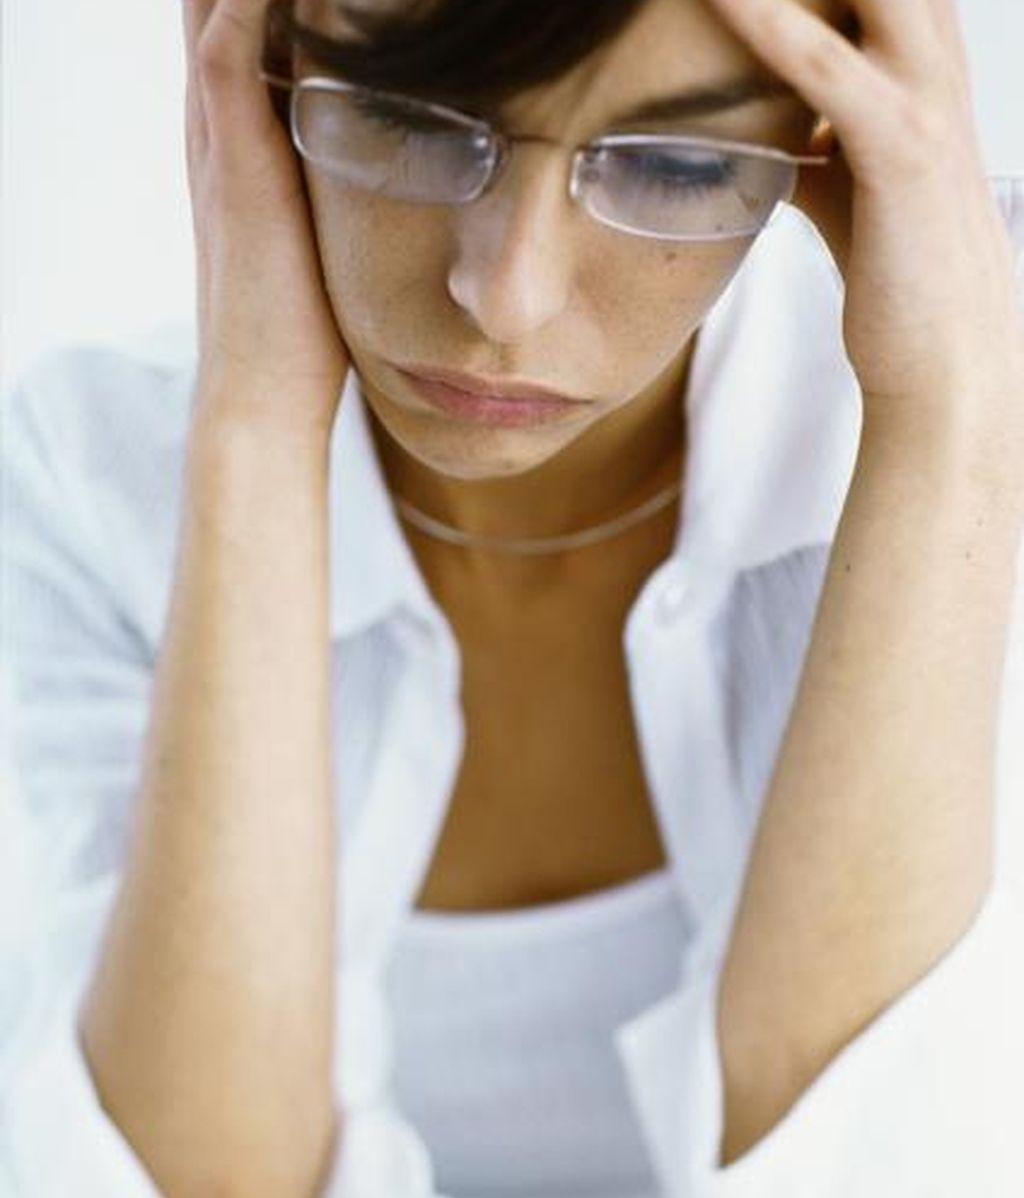 Los tics nerviosos pueden ser síntoma de un trastorno de ansiedad social